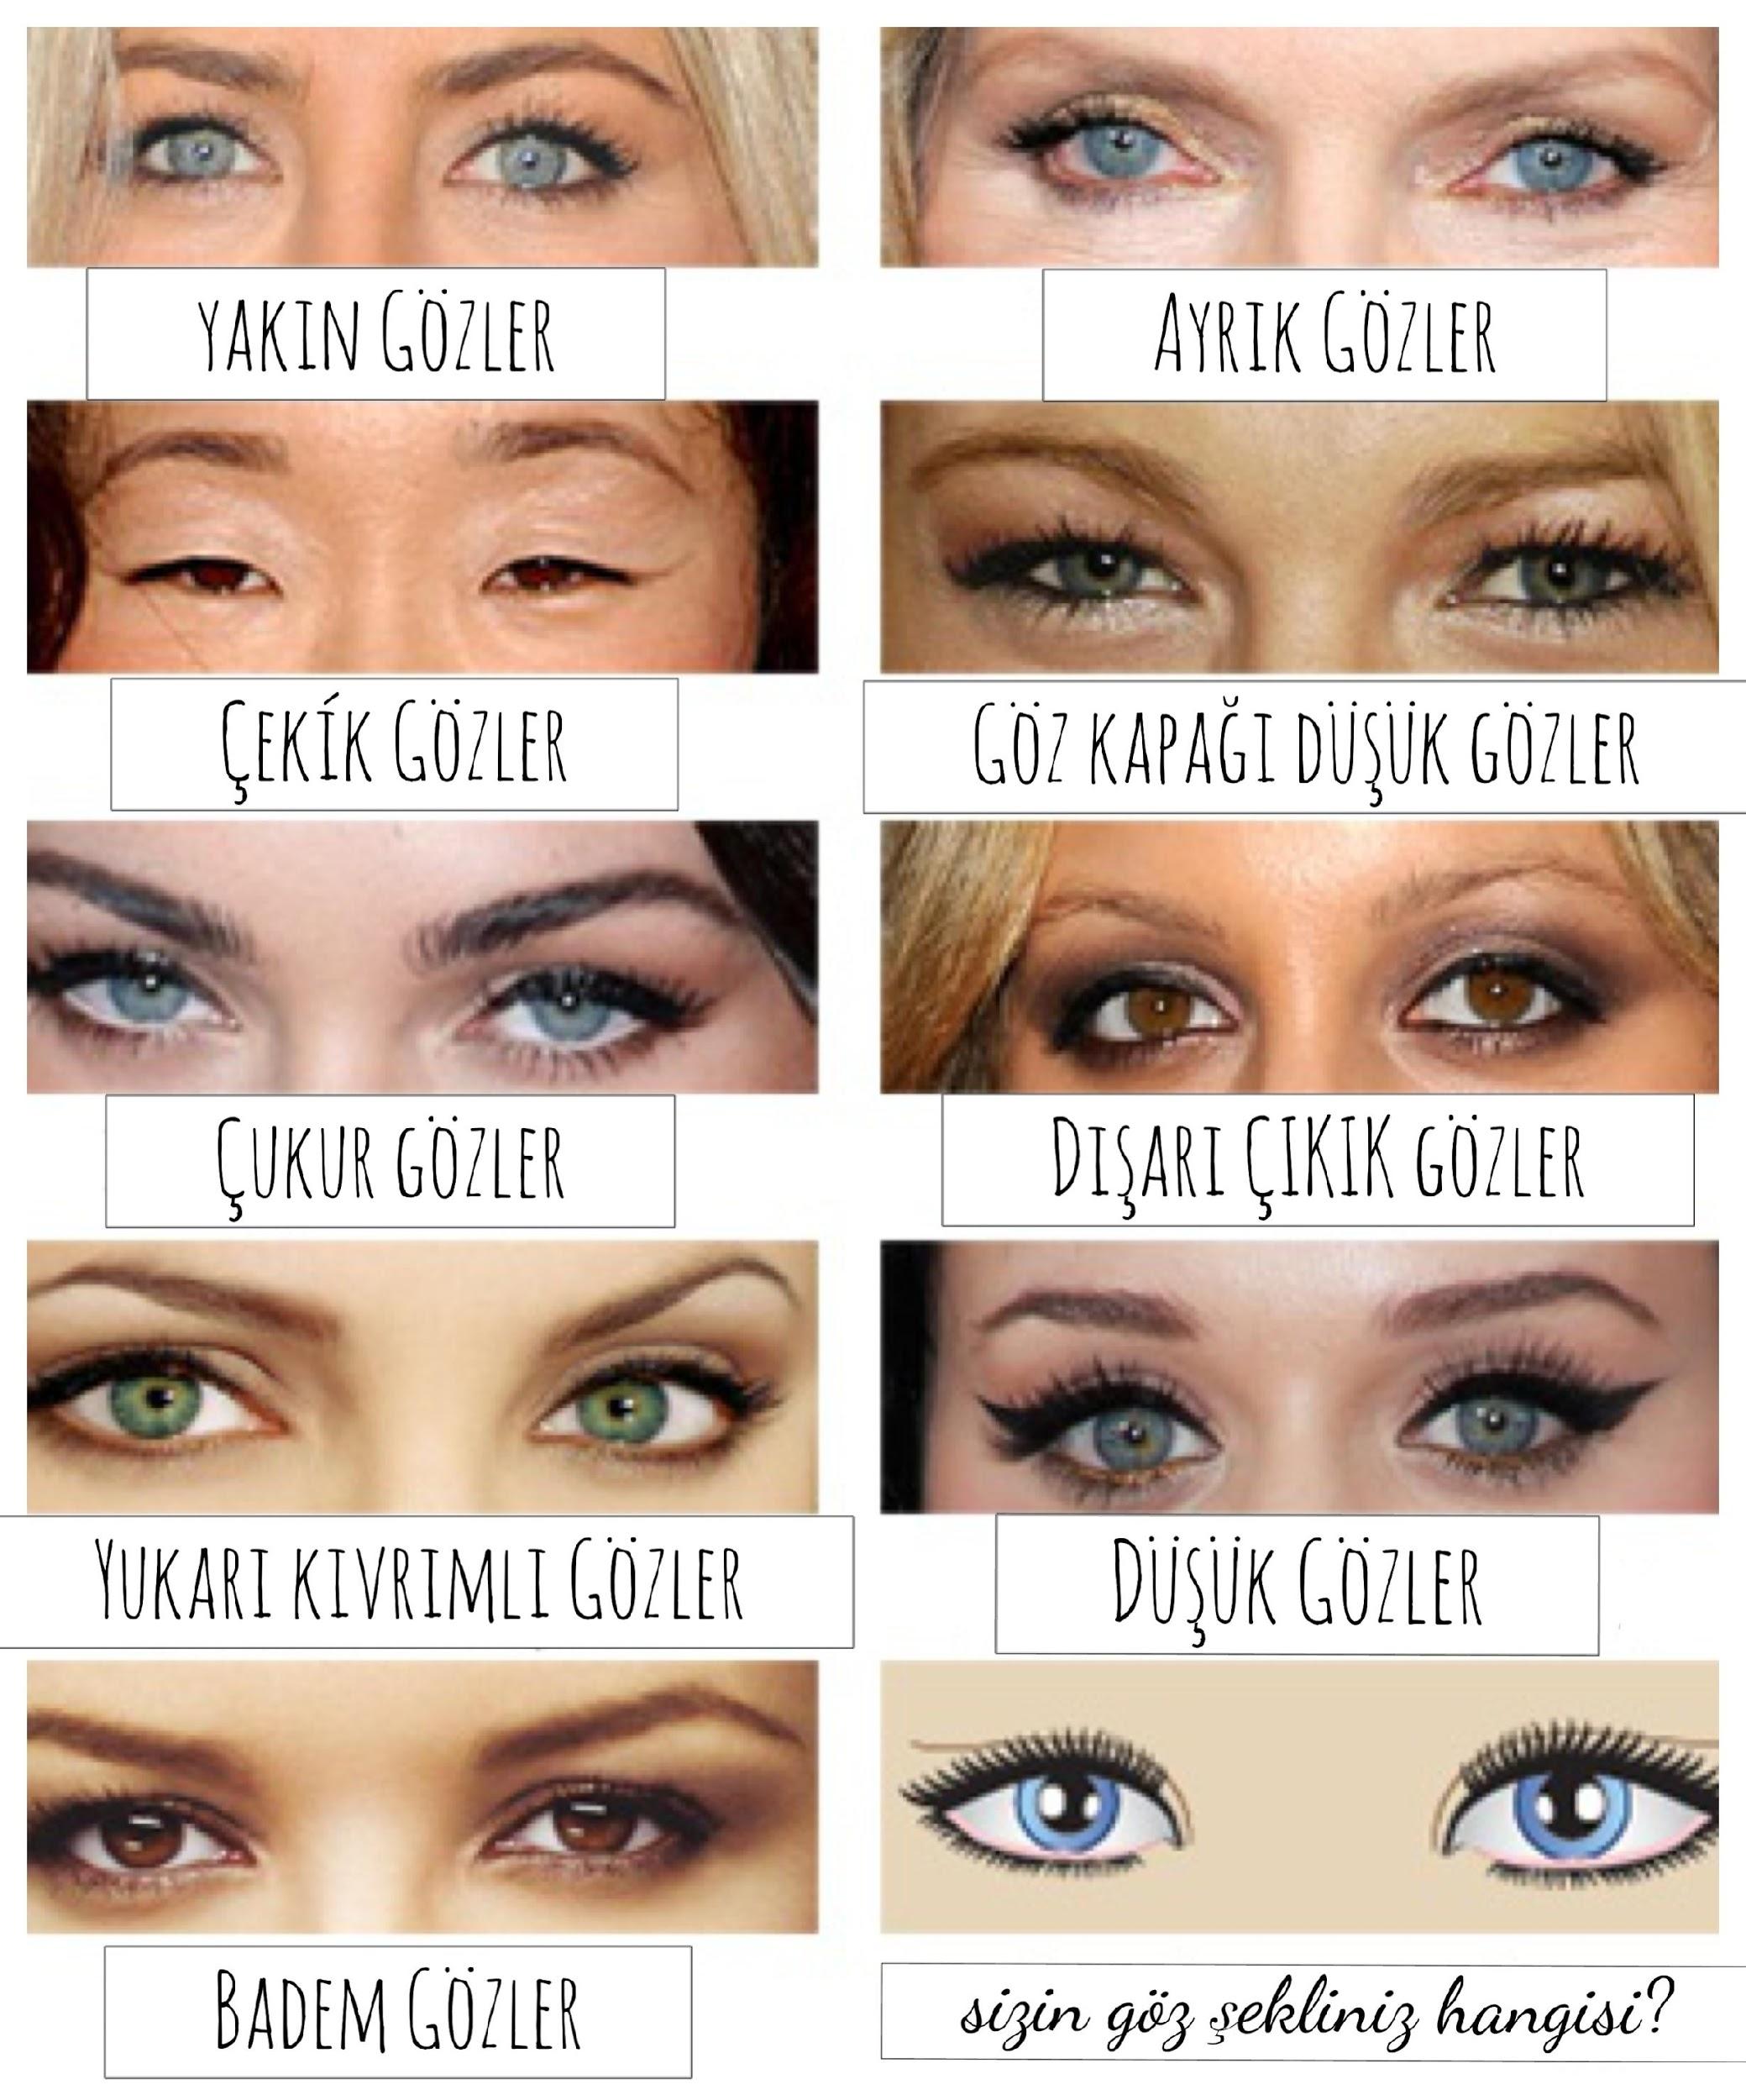 Çukur Gözler İçin Makyaj Teknikleri Nelerdir